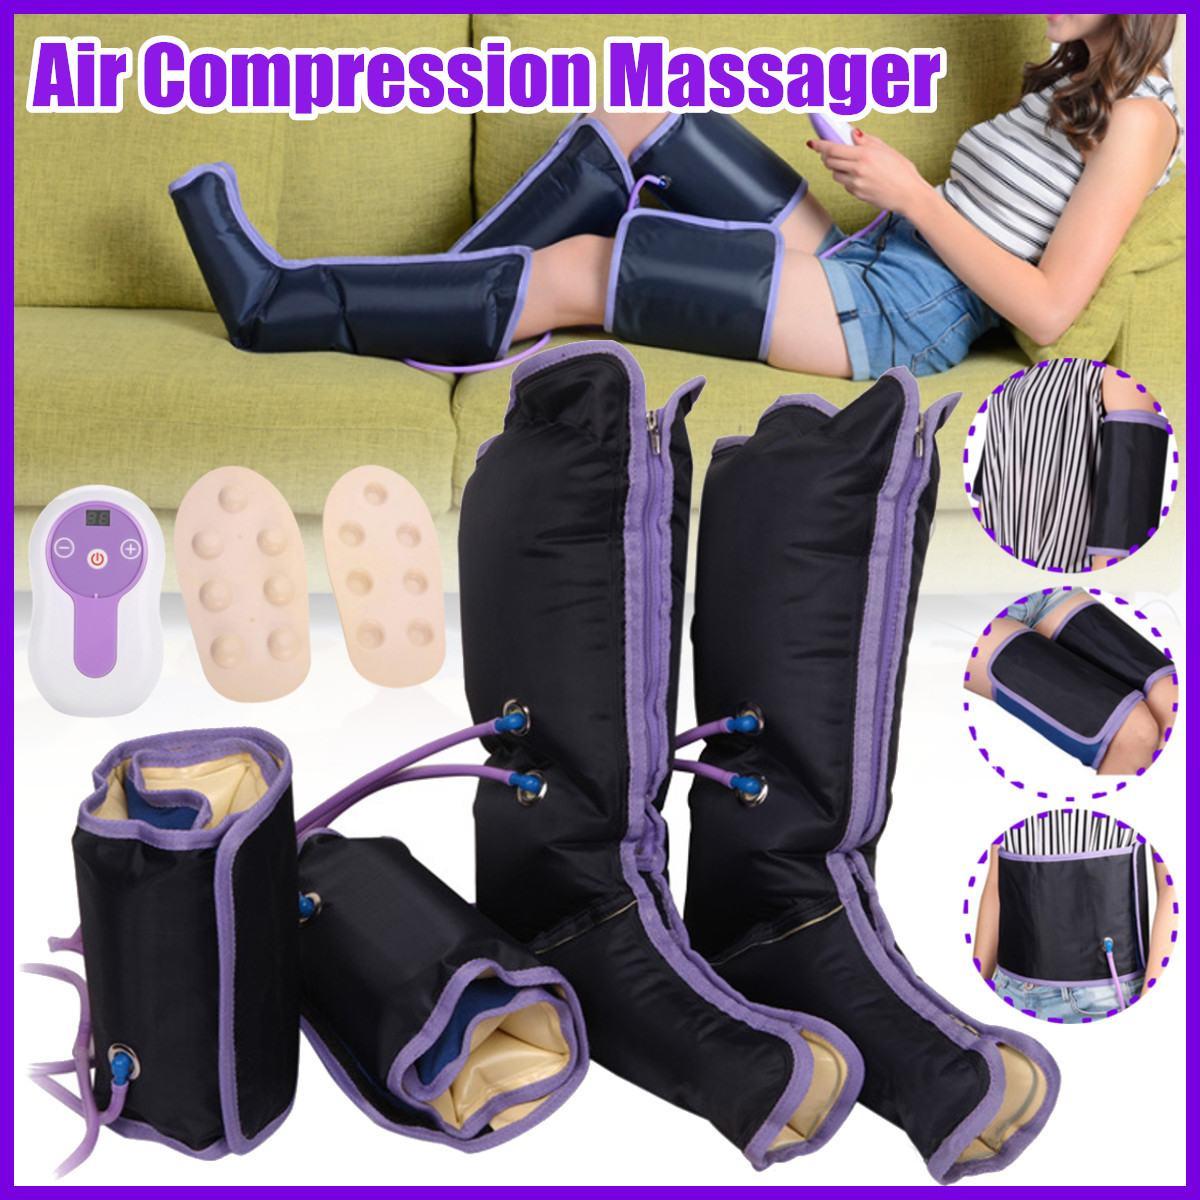 Elektrische Luft Kompression Bein Massager Bein Wraps Fuß Knöchel Kalb Massage Maschine Fördern Die Durchblutung Schmerzen Lindern Müdigkeit